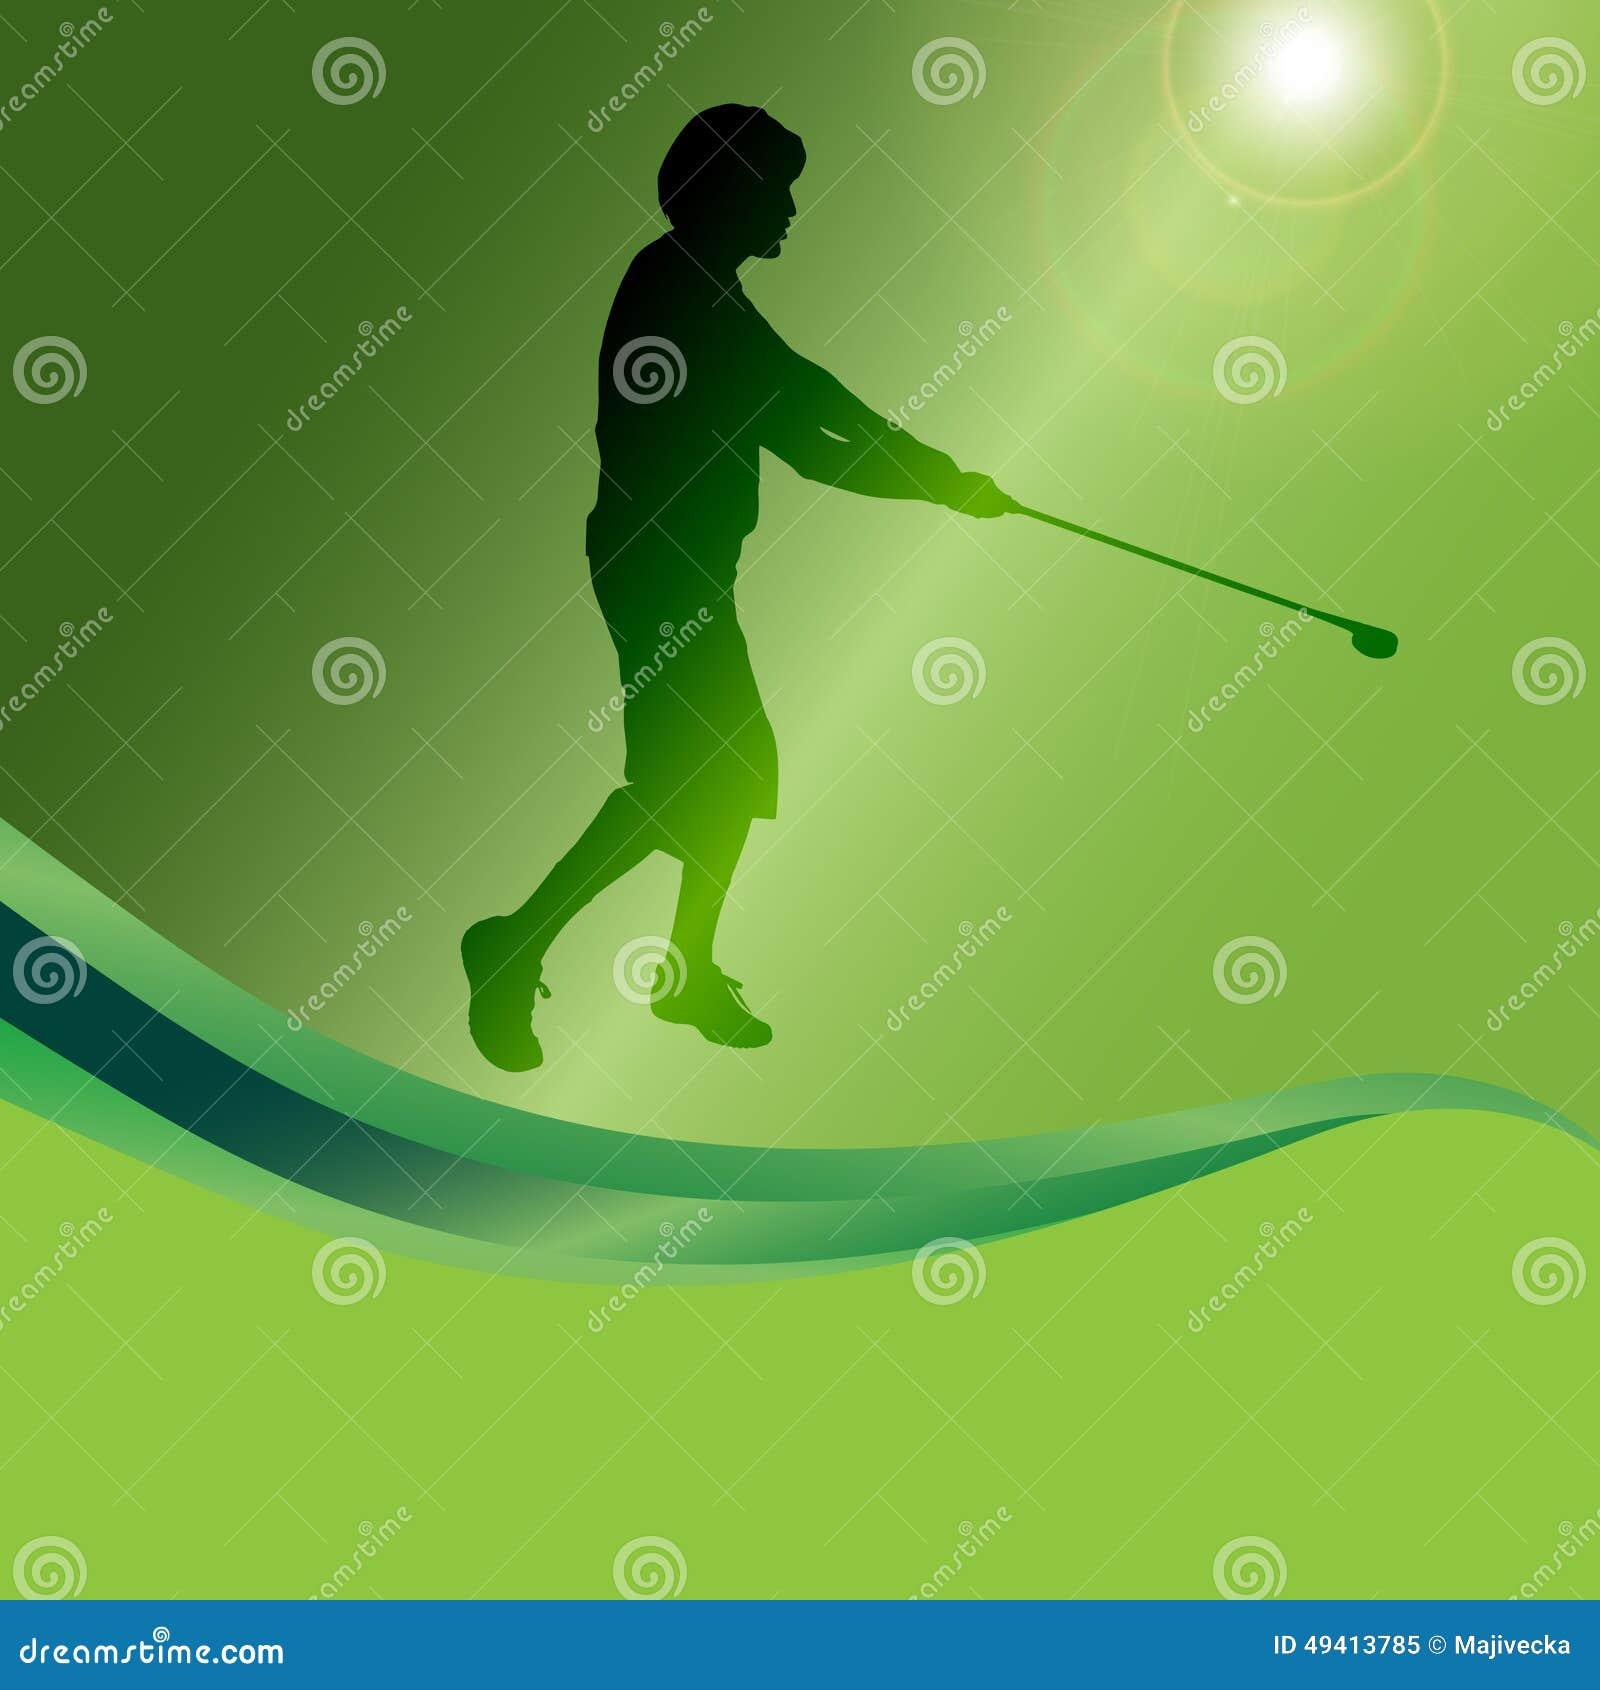 Download Vektorschattenbild Eines Mannes, Der Golf Spielt Vektor Abbildung - Illustration von schattenbild, gras: 49413785